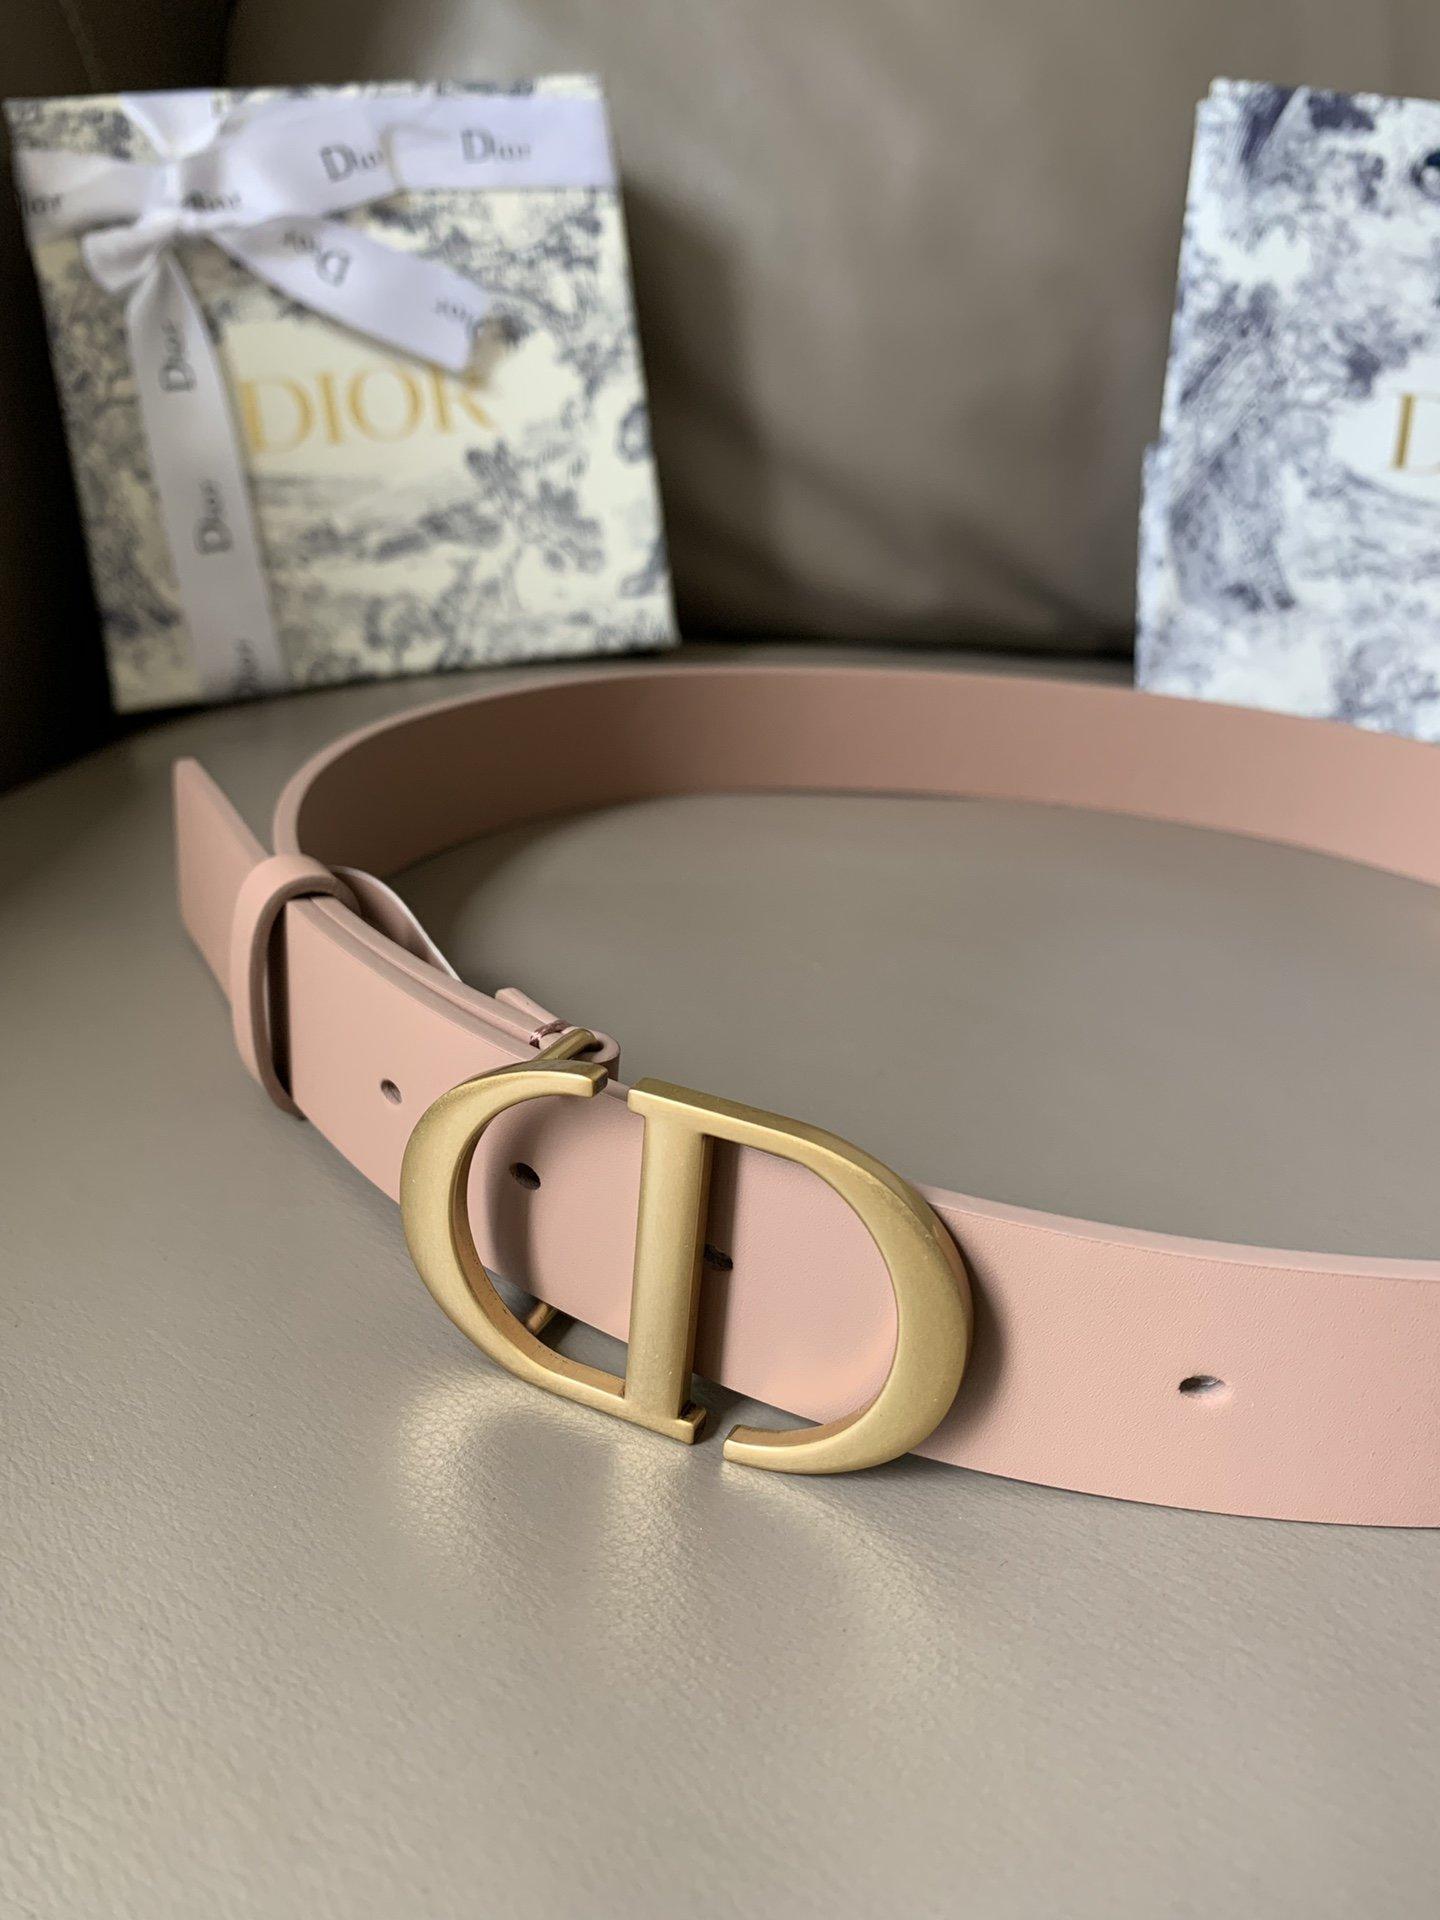 Dior新款双面意大利级顶进口头层平纹小牛皮女士腰带(图2)